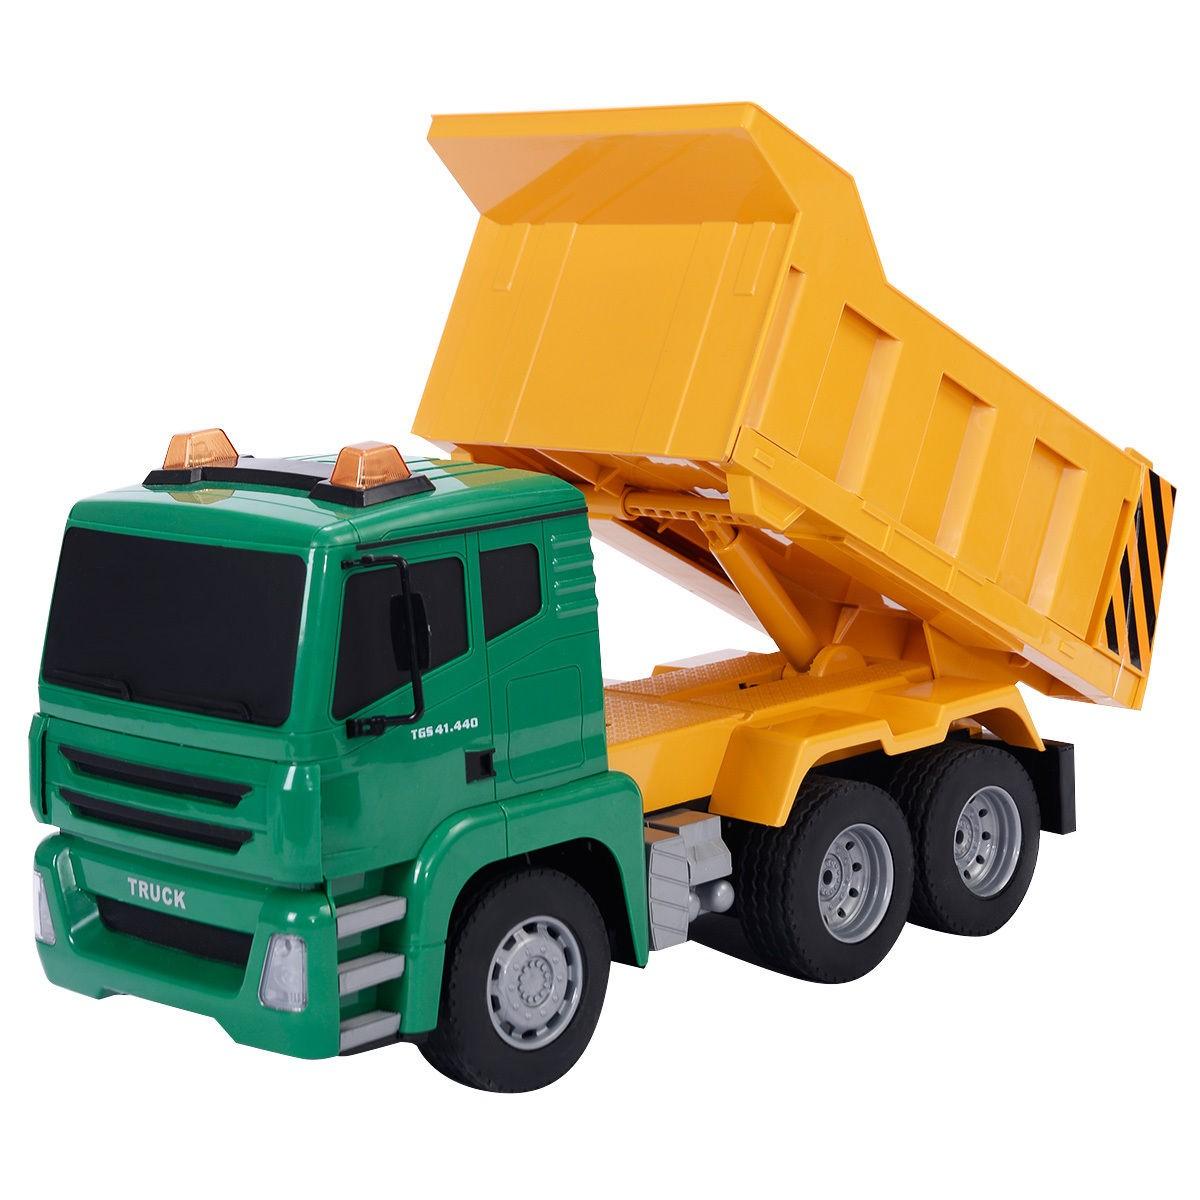 Pictures Of Dump Trucks